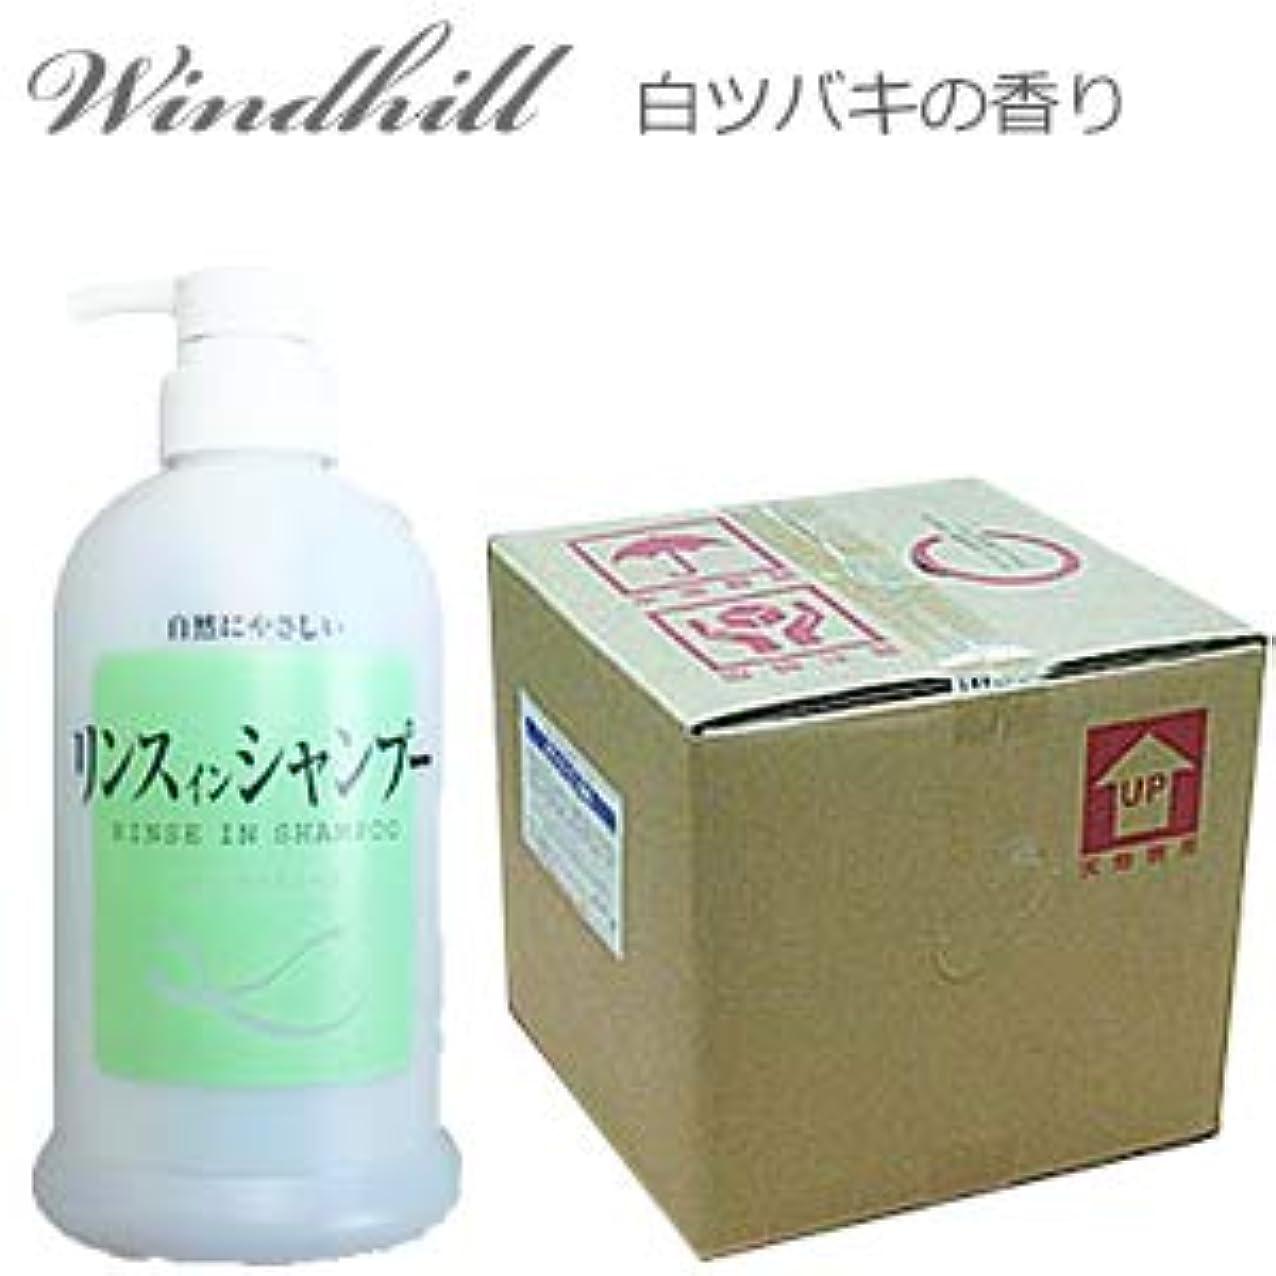 子孫ストラップ弁護なんと! 500ml当り175円 Windhill 植物性 業務用 リンスインシャンプー 白椿の香り